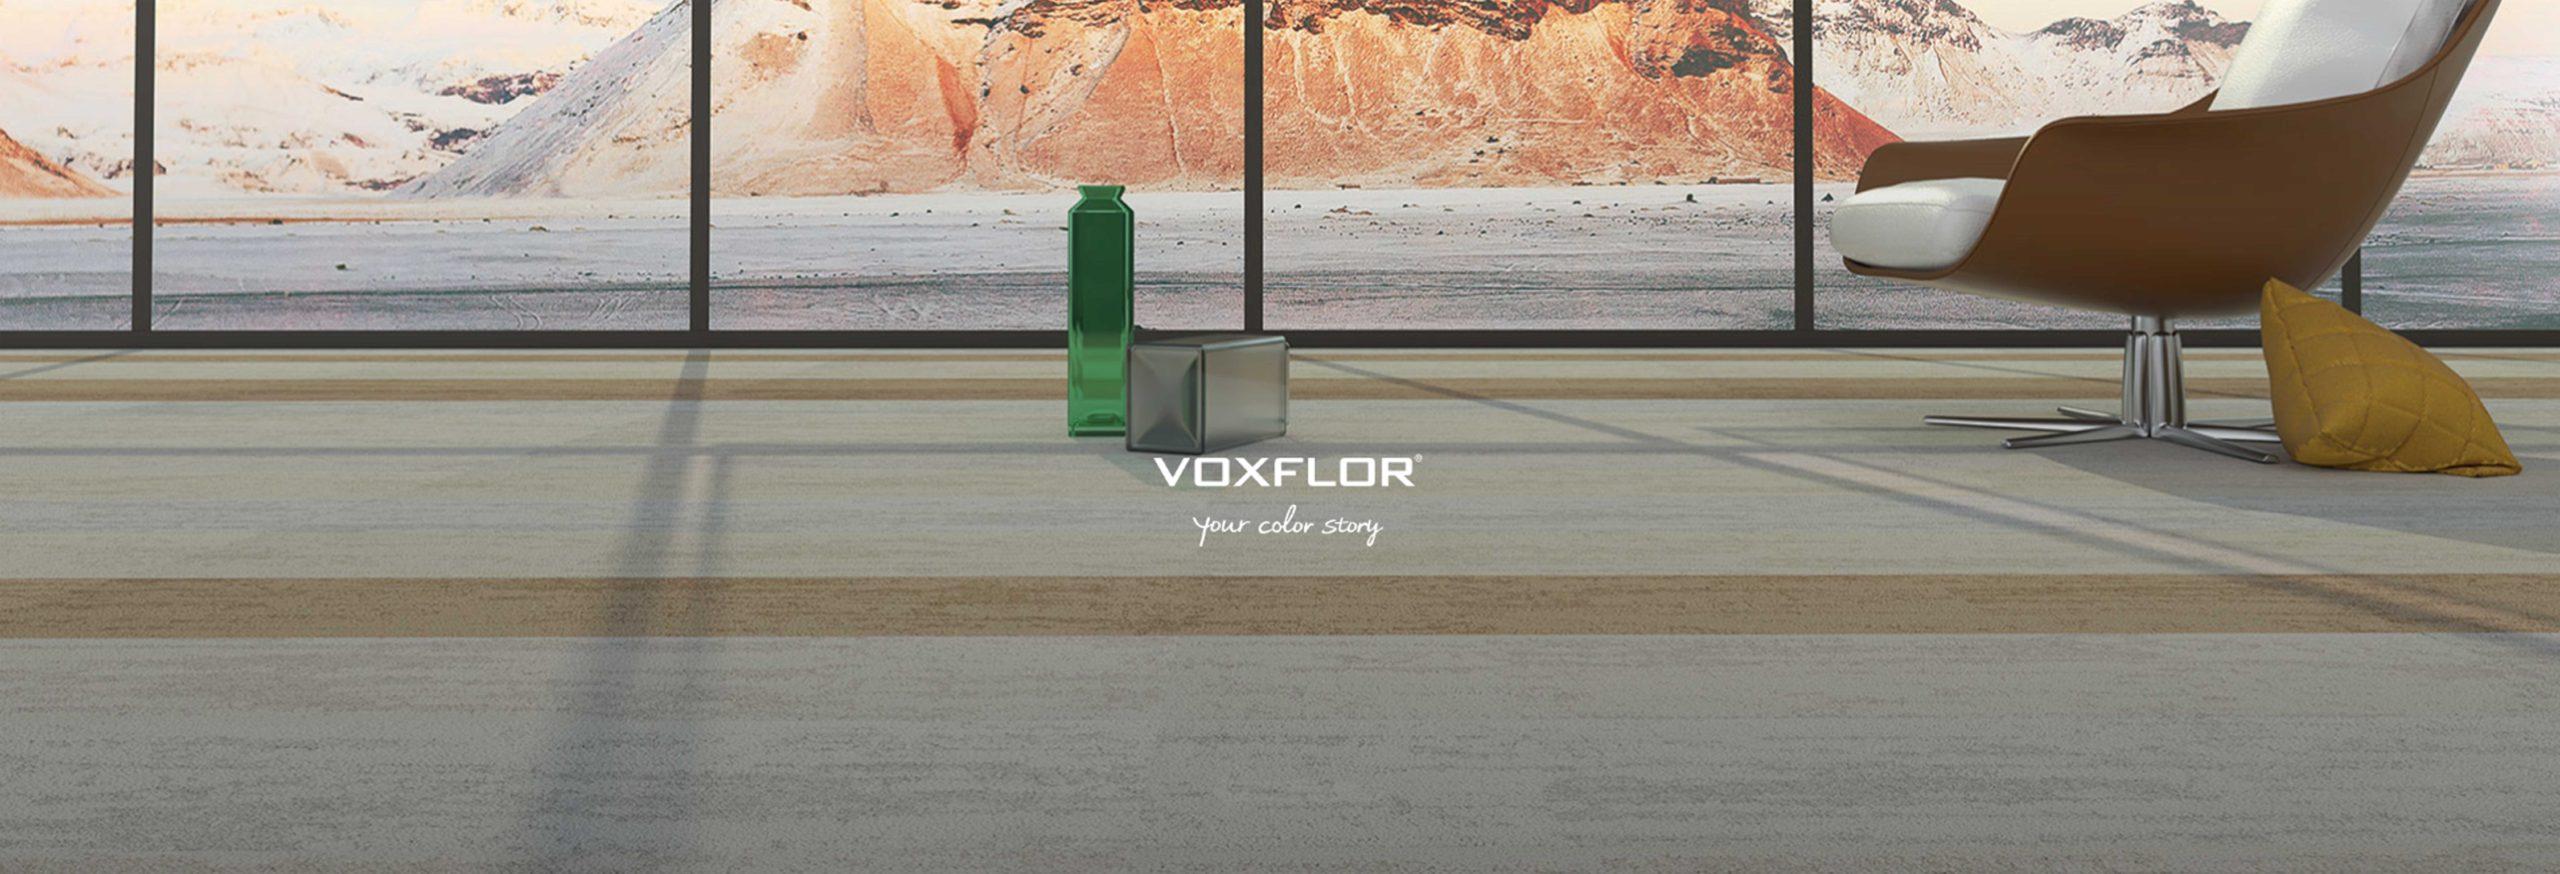 VOXFLOR